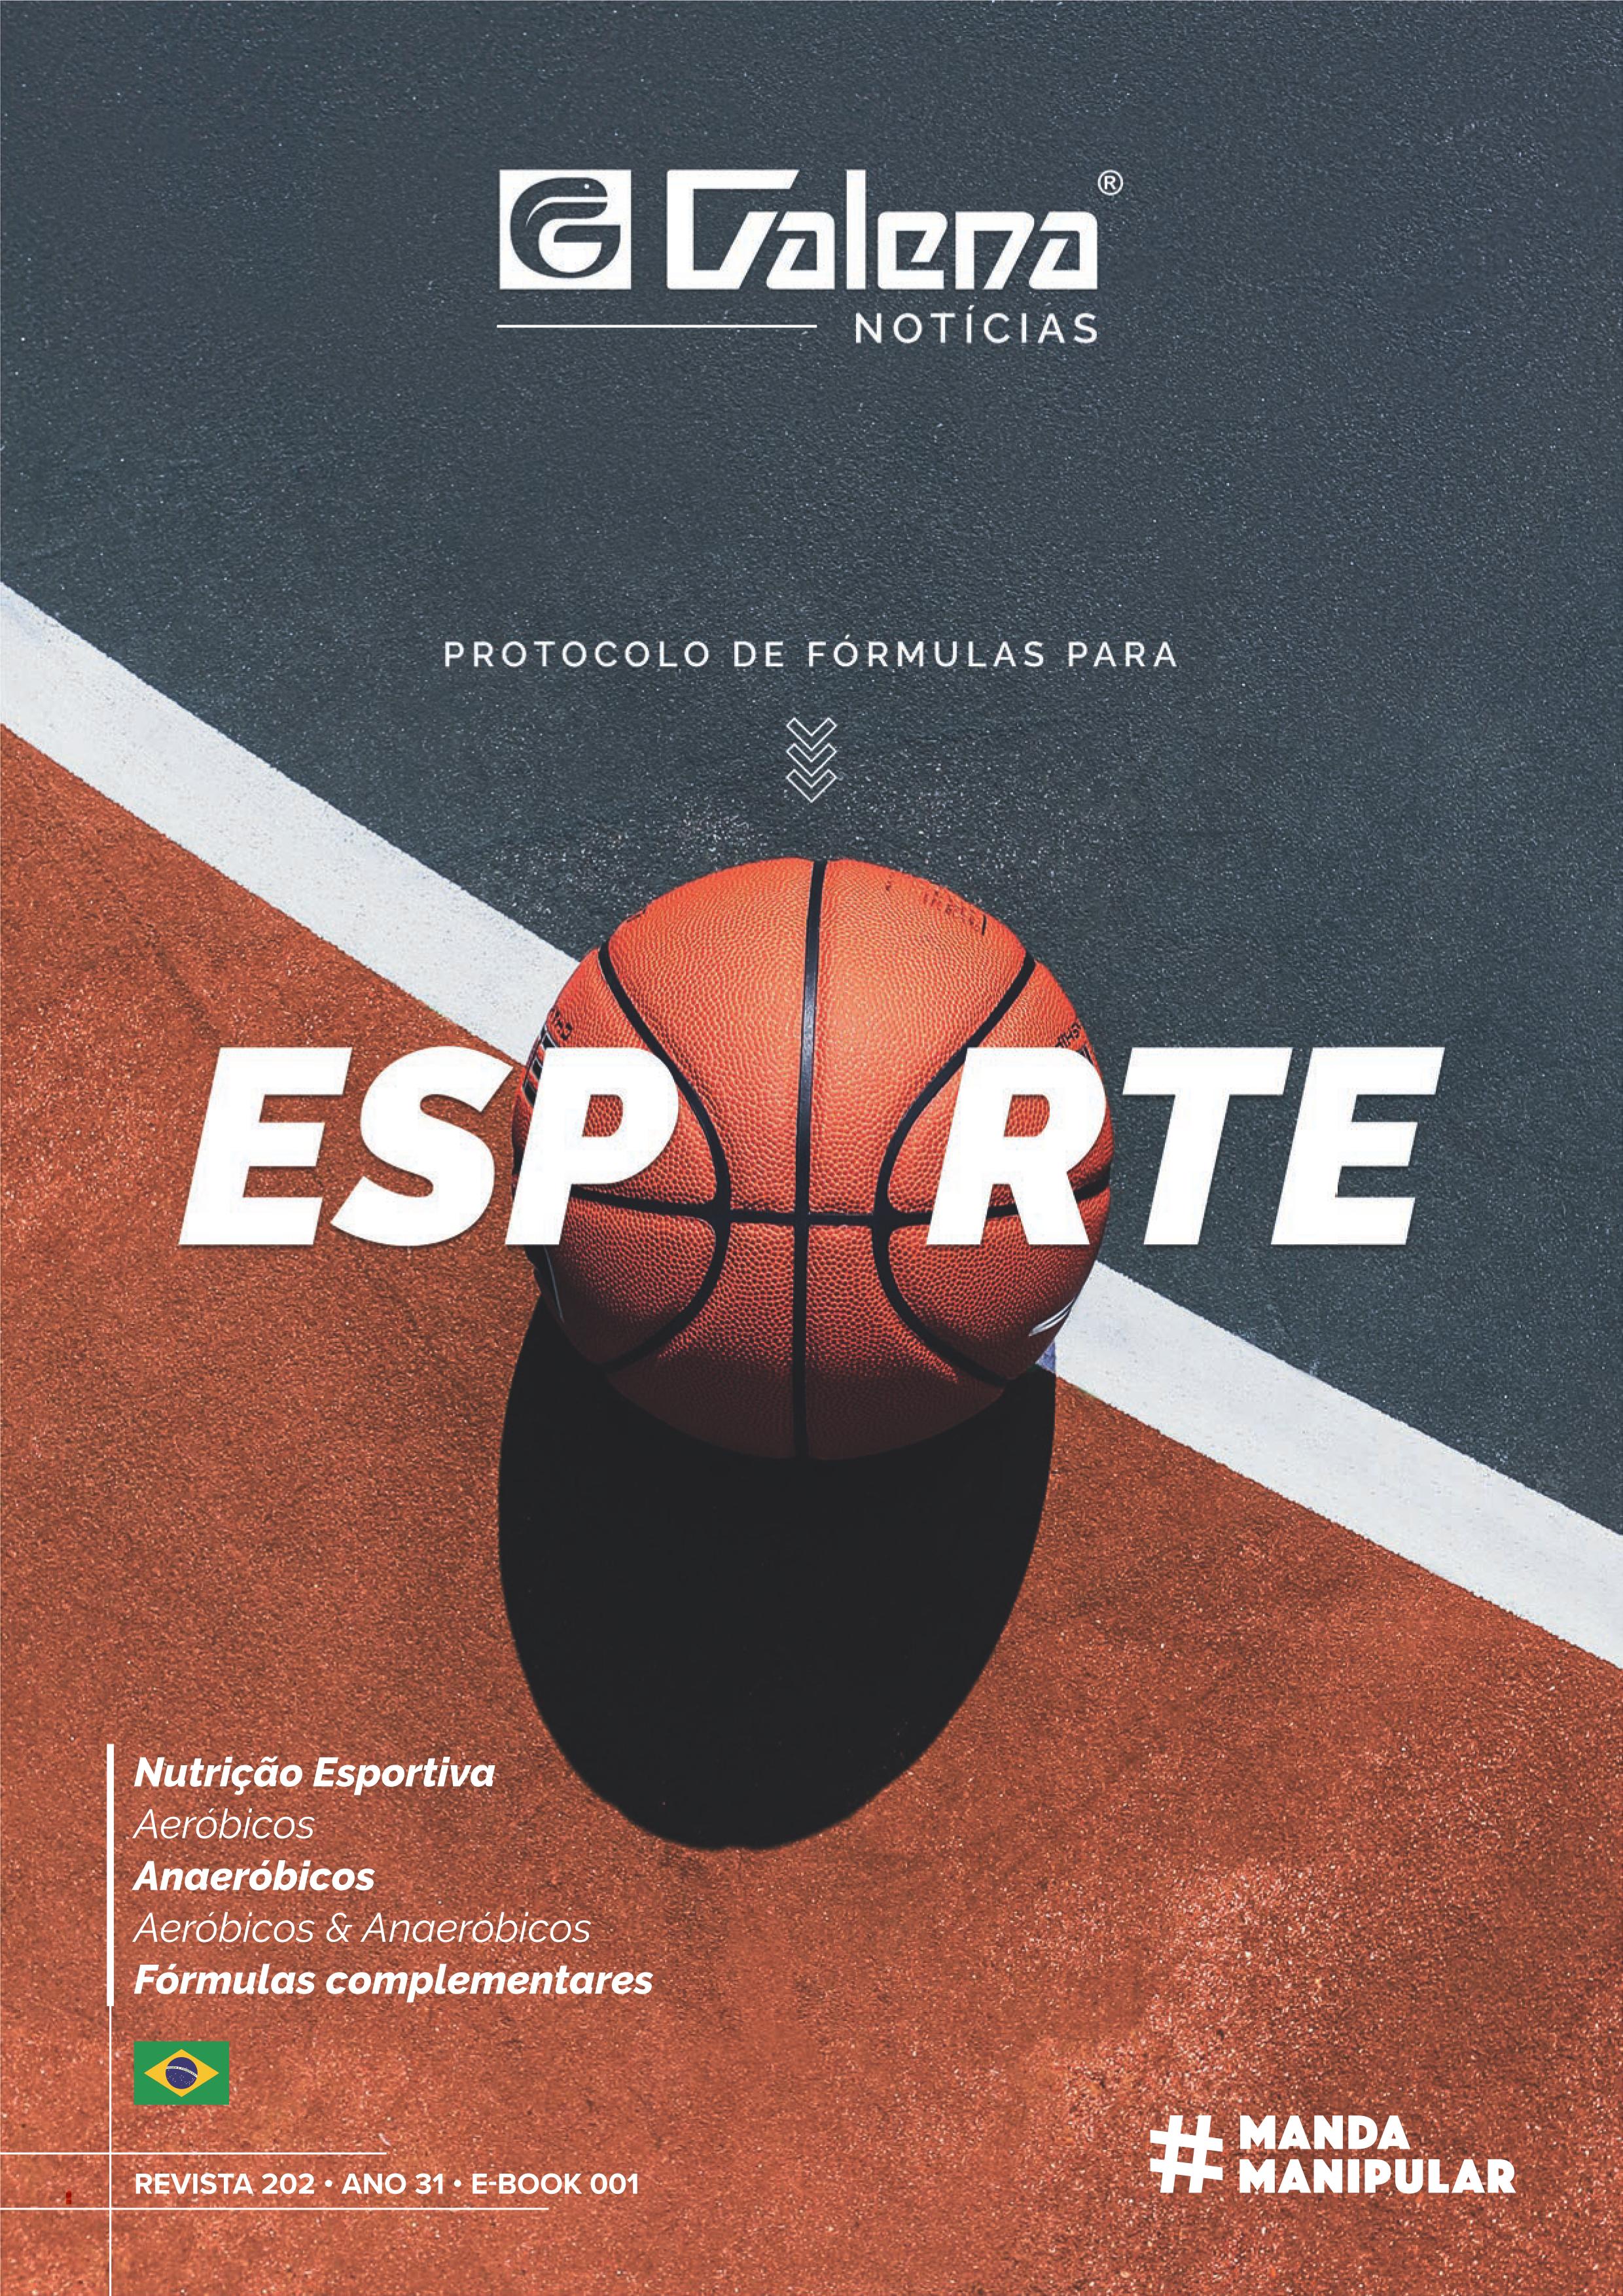 264_Revista_202_Esportes_01-1